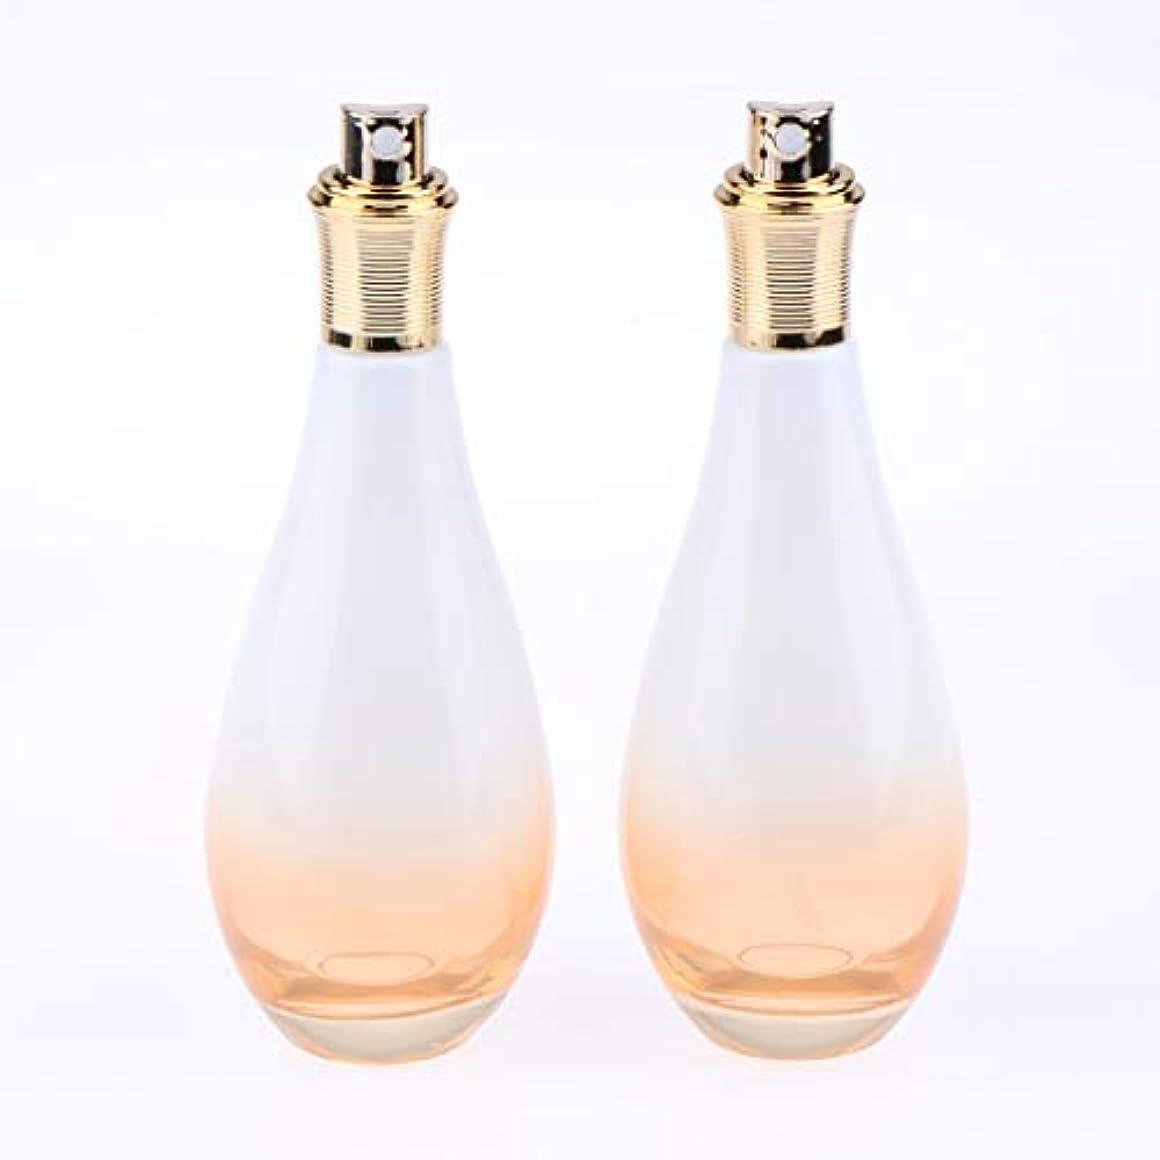 形状小川写真を描くF Fityle 2個 ガラス スプレーボトル 香水ボトル アトマイザー 小分け容器 3サイズ選べ - 100ミリリットル